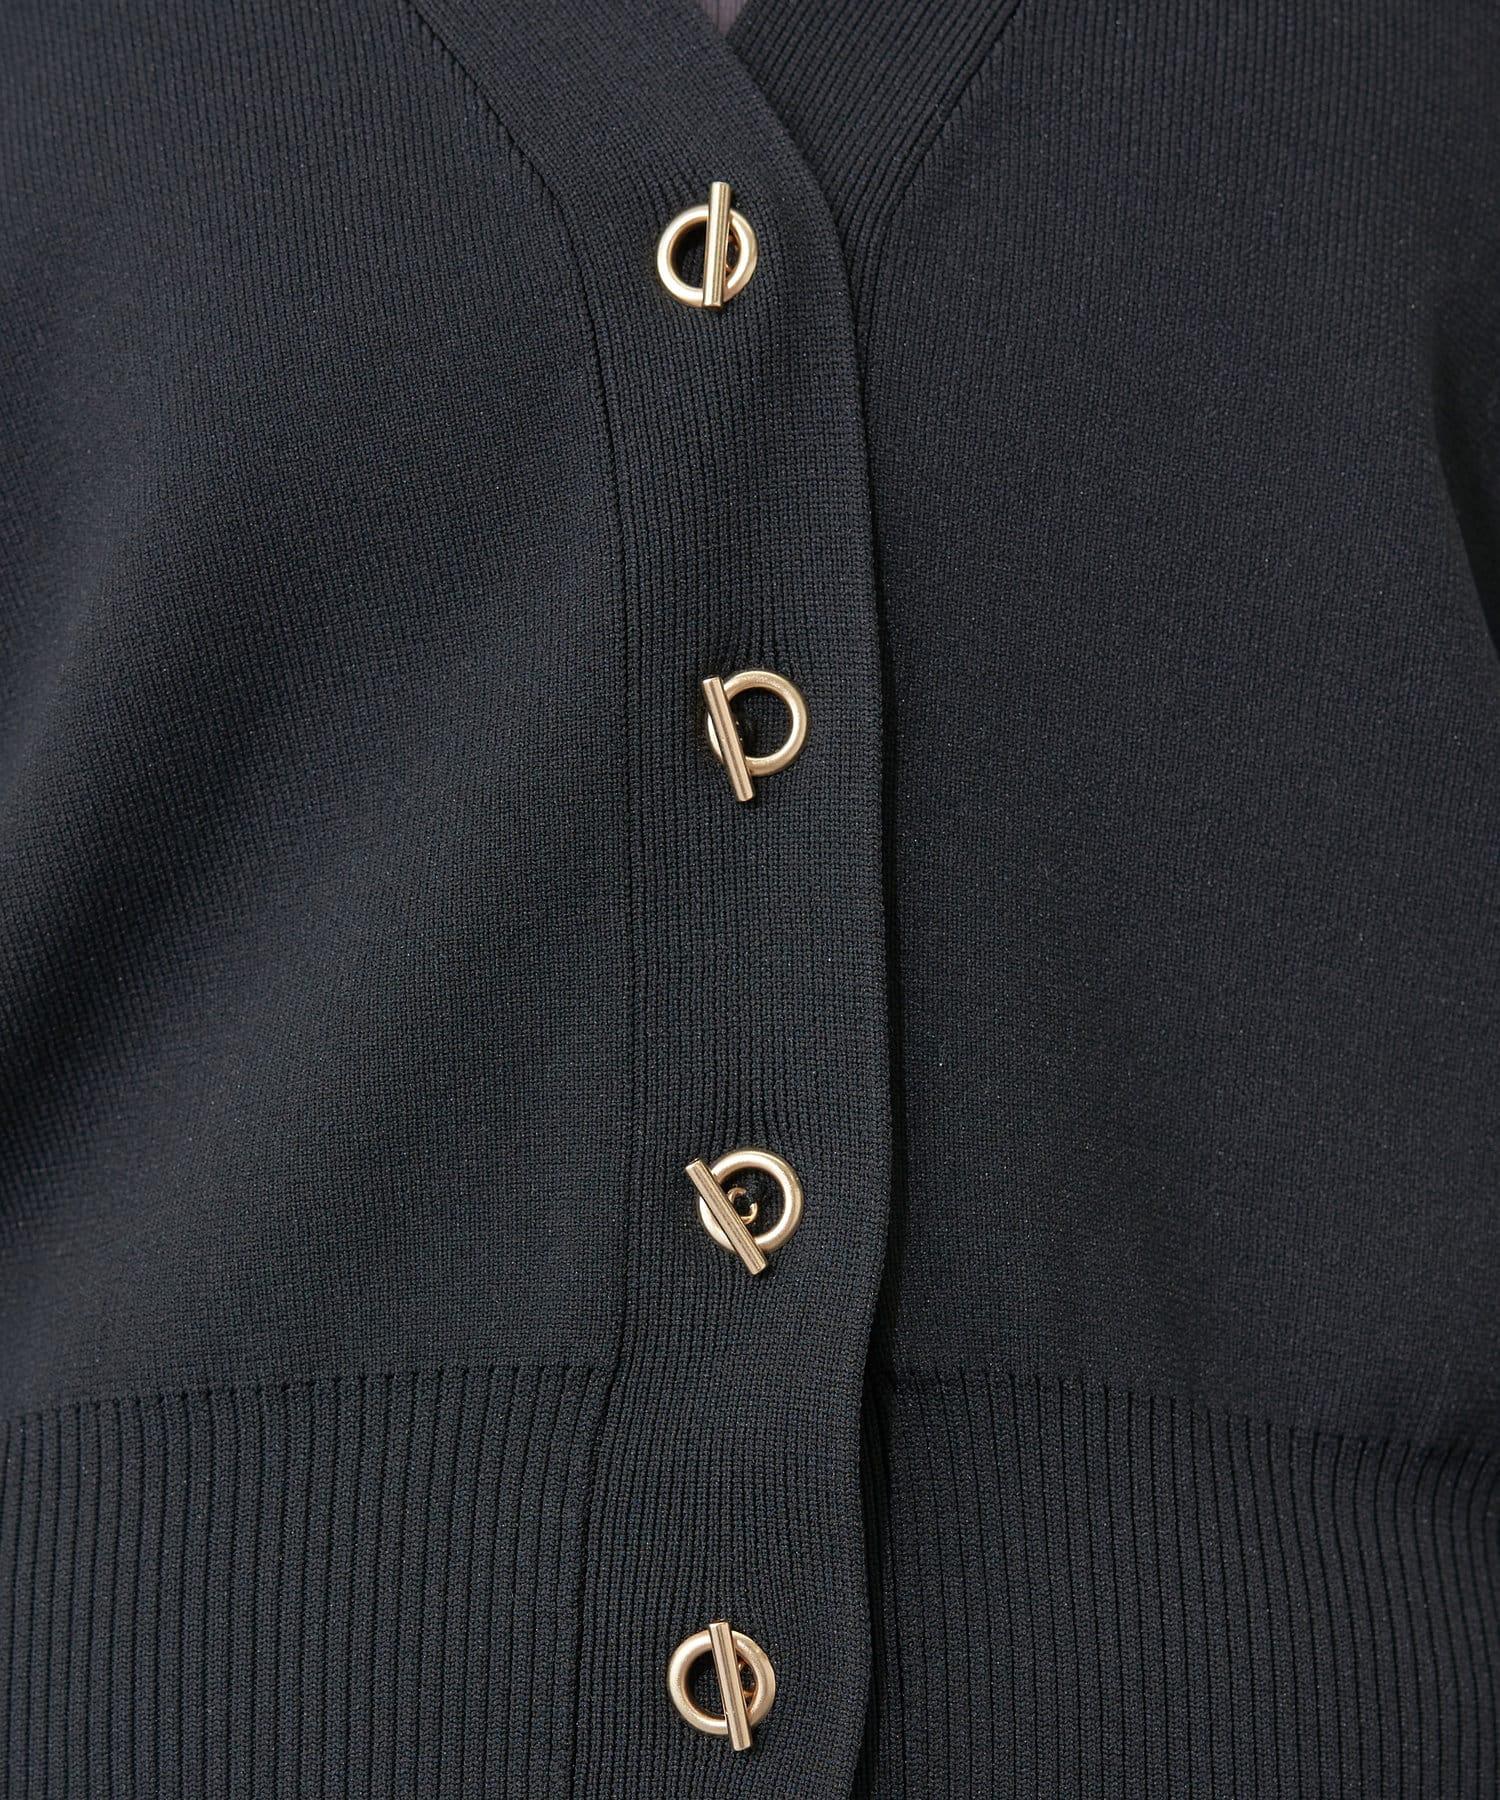 natural couture(ナチュラルクチュール) プチプラハトメバー釦おしゃれカーデ